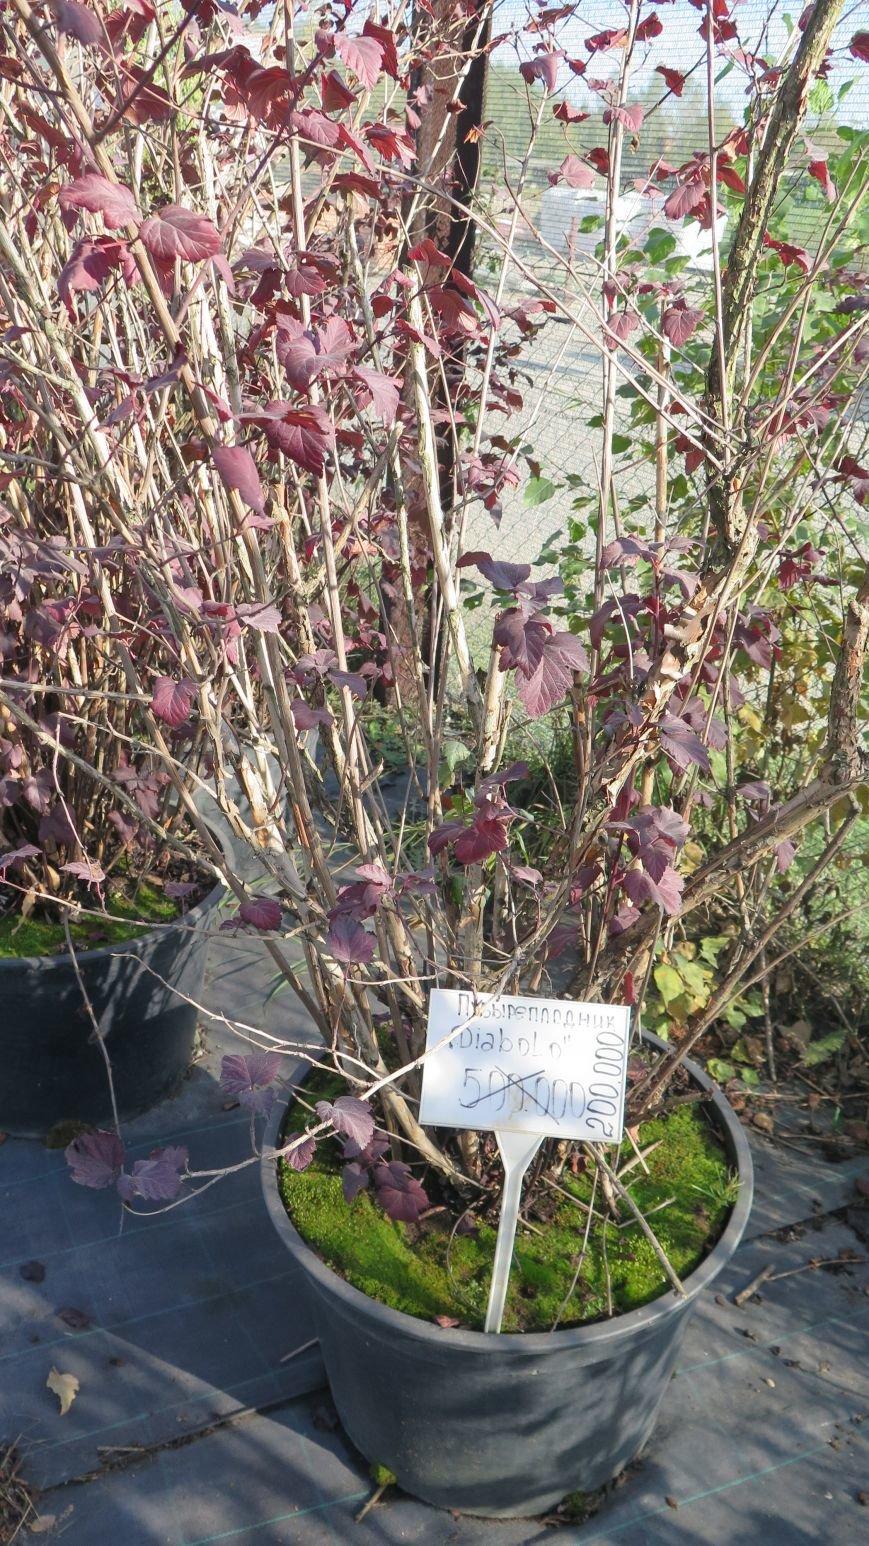 Осенняя распродажа ландшафтных растений в Новополоцке, фото-4